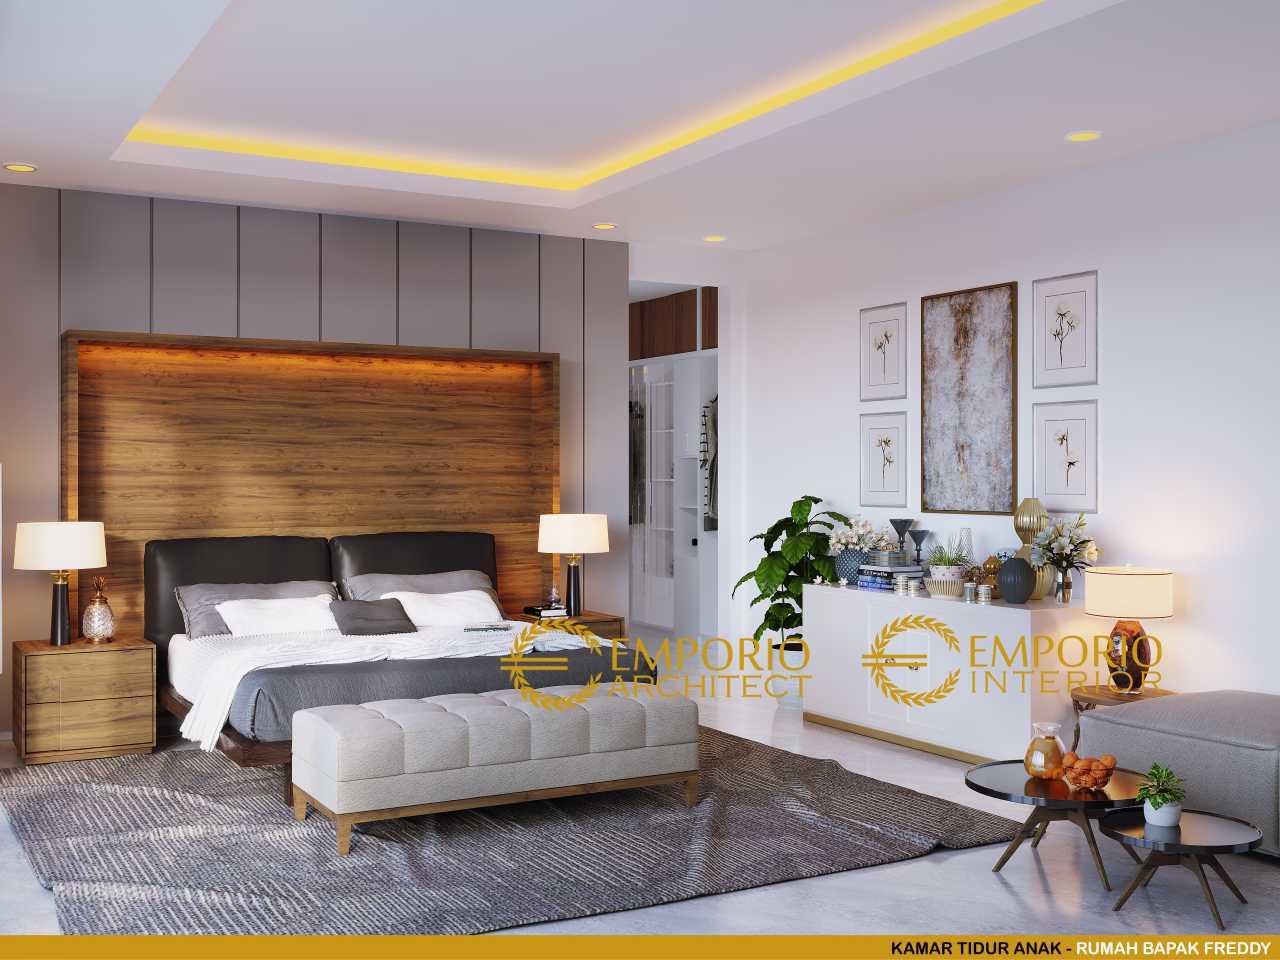 10 Ide Desain Interior Kamar Tidur Ala Resort Mewah Di ...